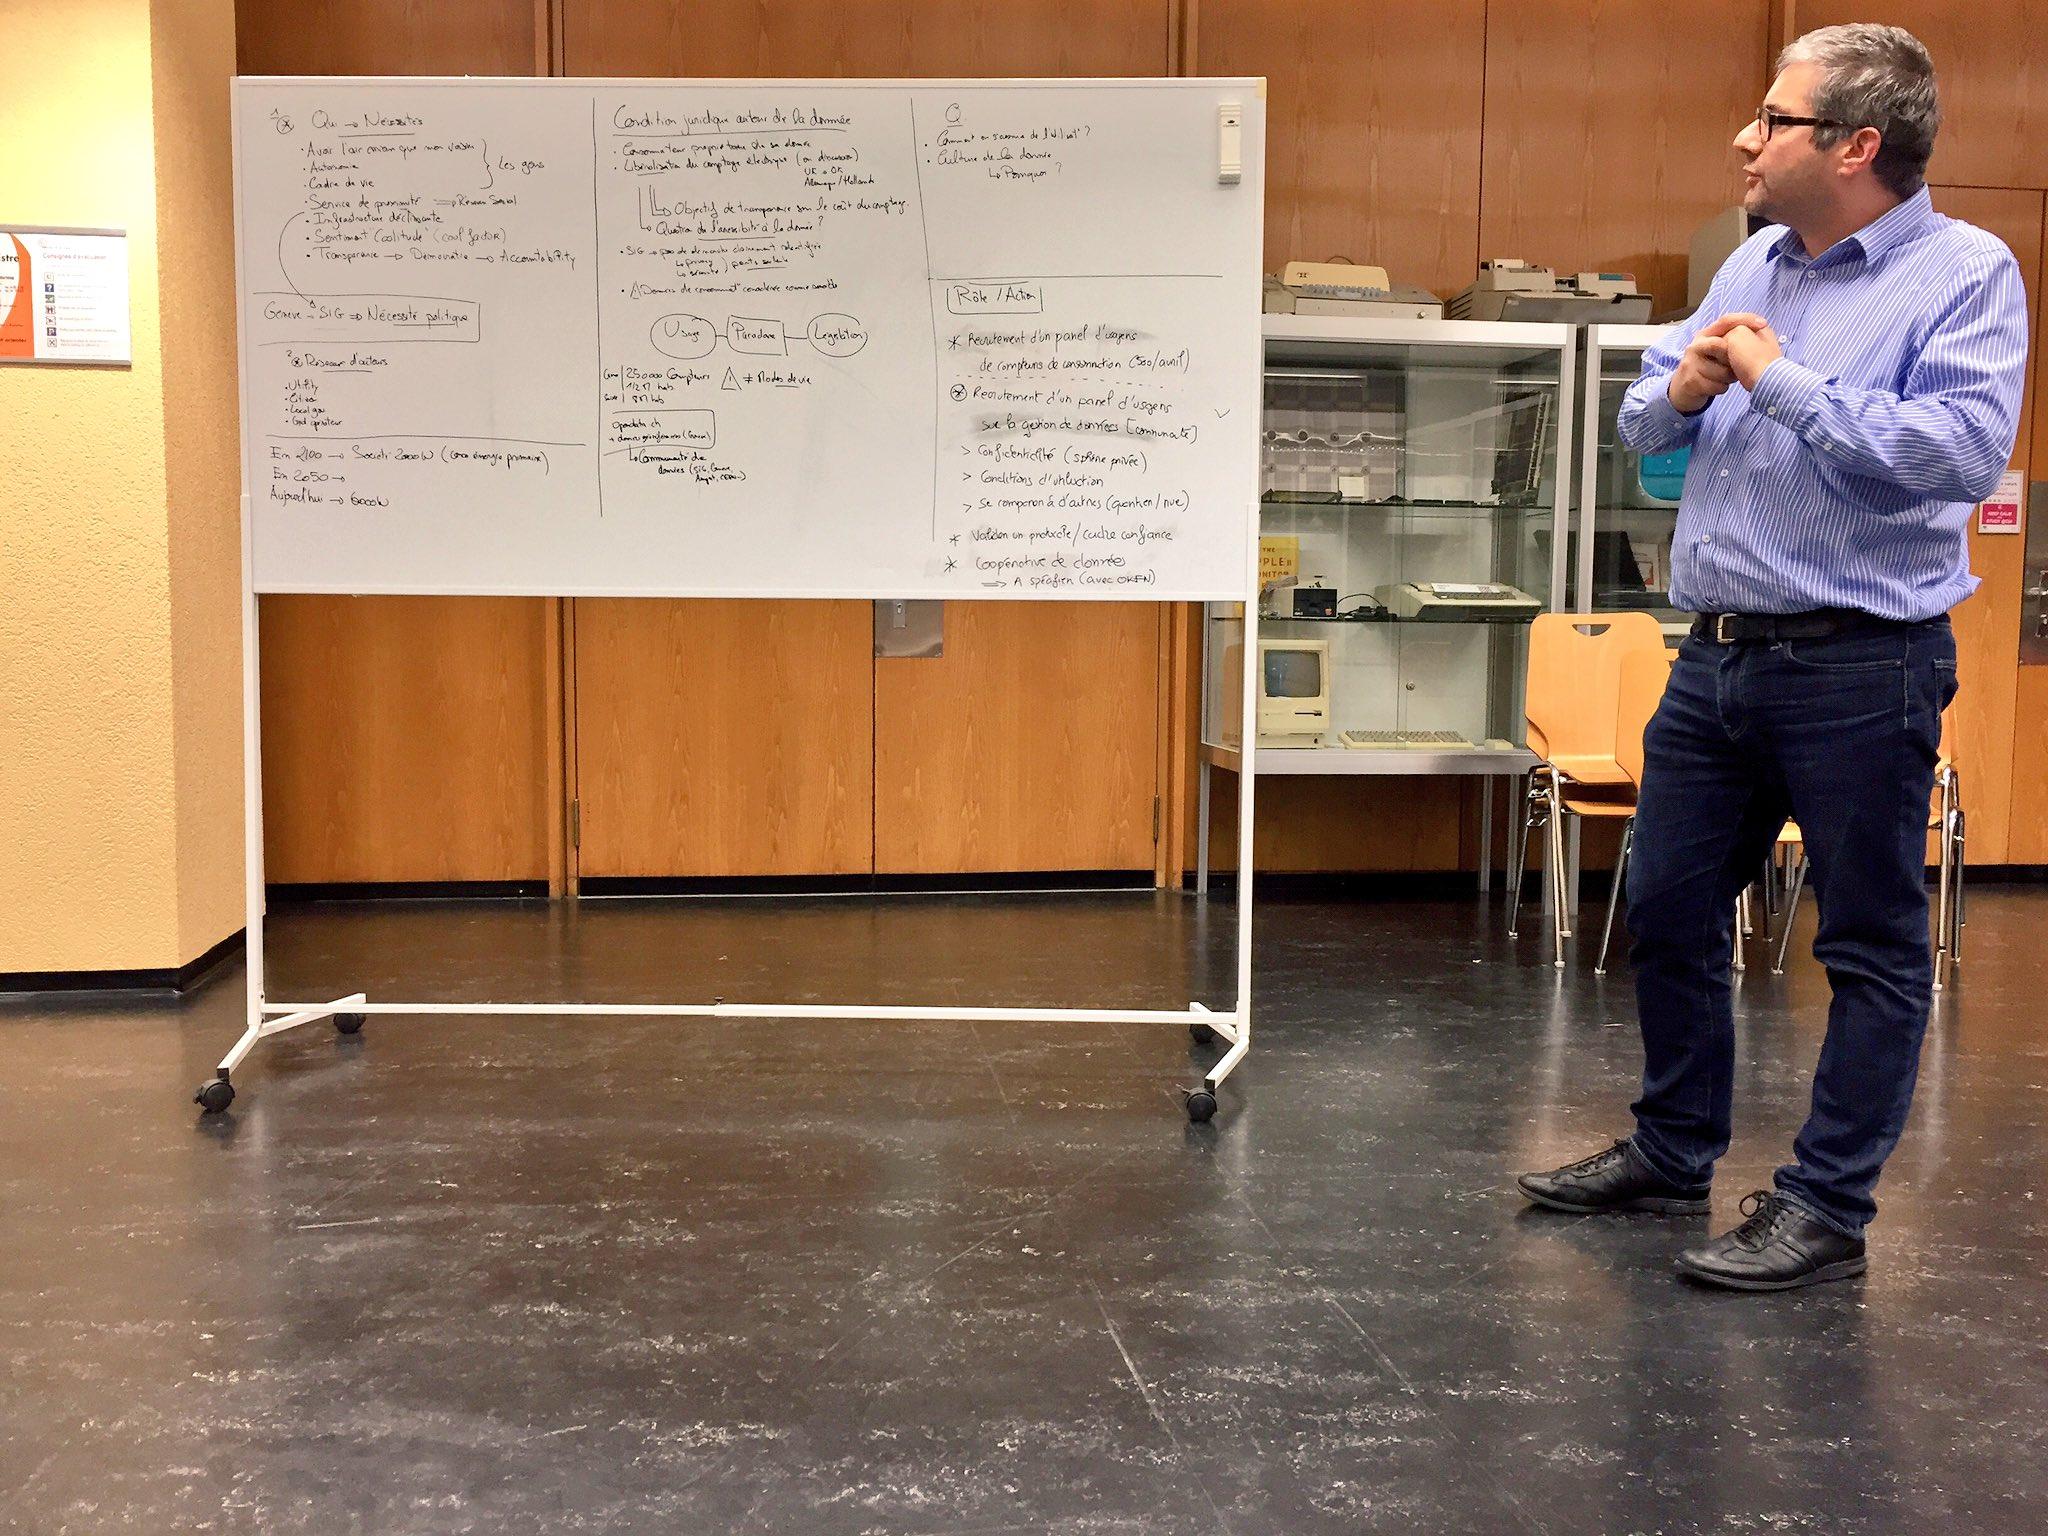 [Pic] #UrbanEntrepreneurs Intérêt confirmé pour le SIG de Genève pour expérimenter de nouvelles pratiques autour des données d'usage. https://t.co/OB4hHTRxSL